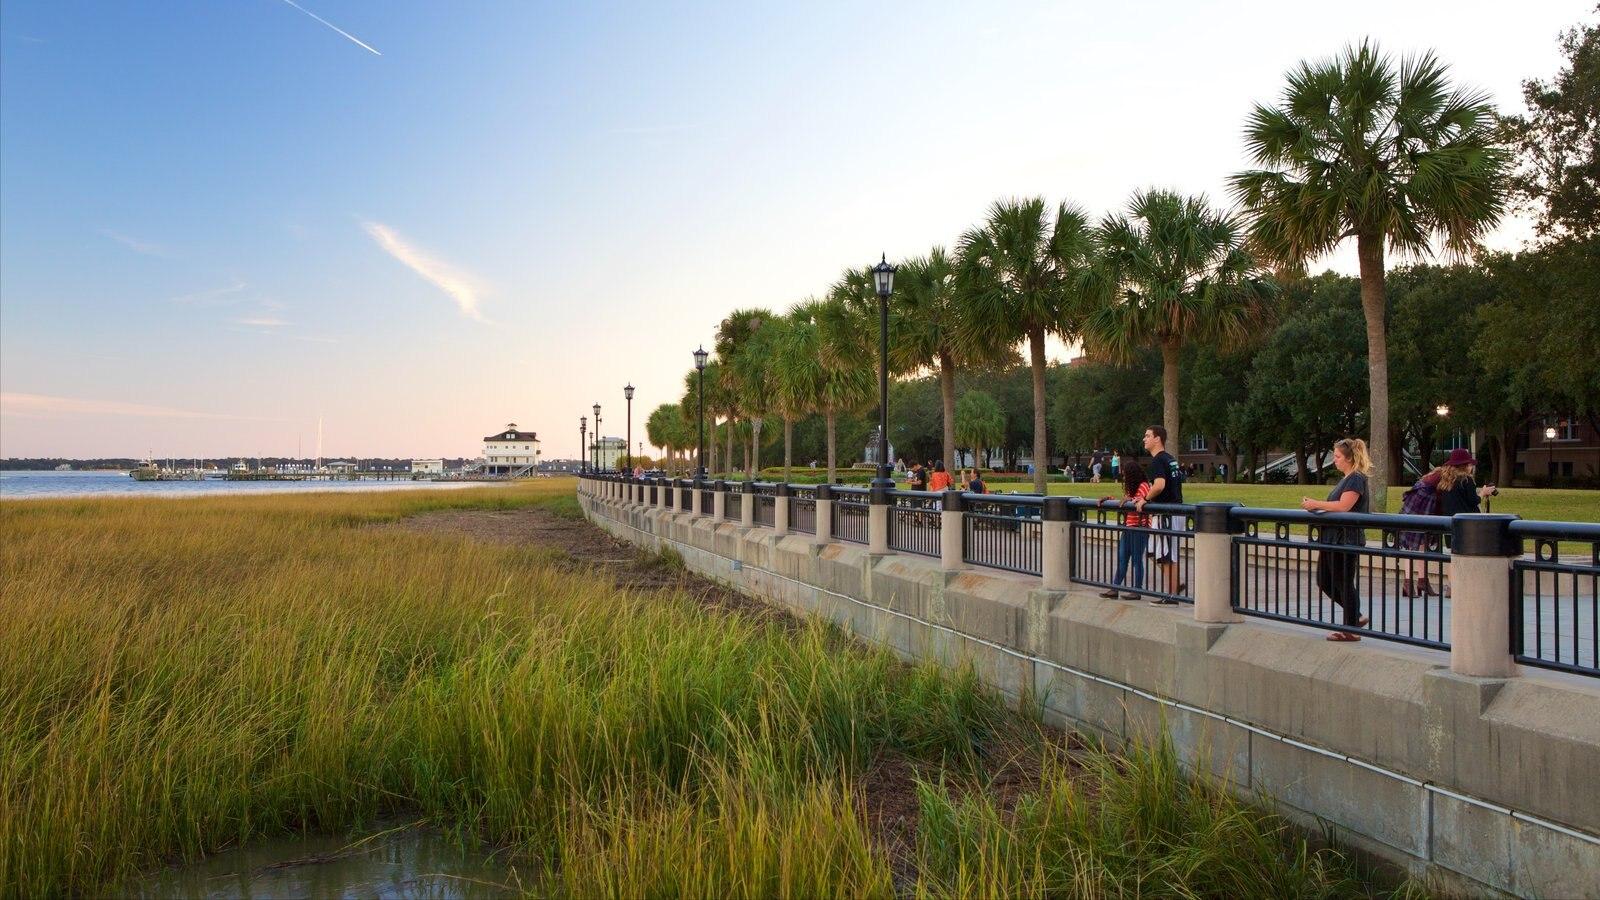 Charleston que inclui um pôr do sol, paisagens litorâneas e um jardim